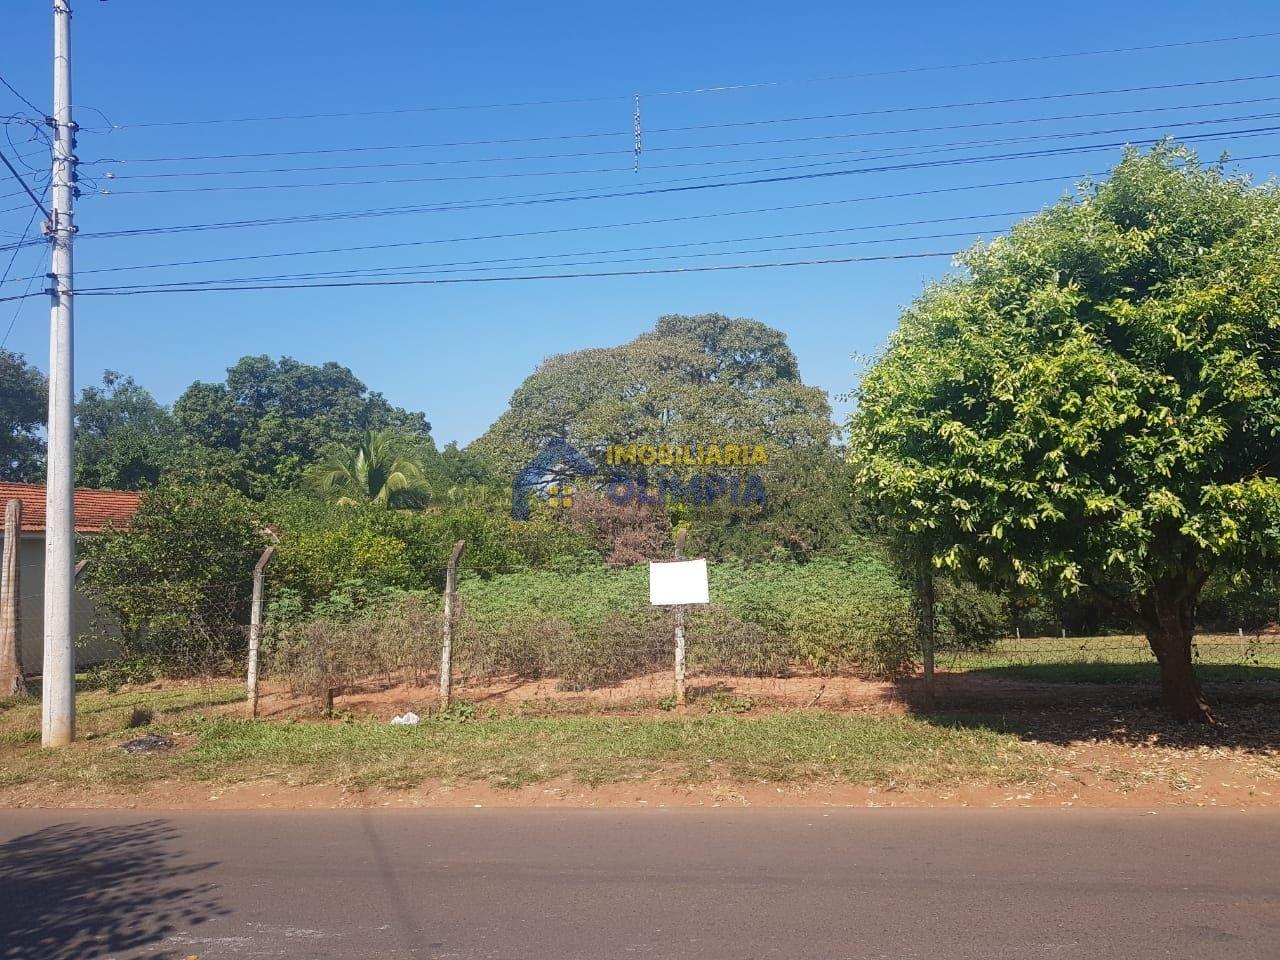 Terreno/Lote à venda  no Residencial Dionéia Aparecida Barbosa Berti (Baguaçu) - OlÍmpia, SP. Imóveis